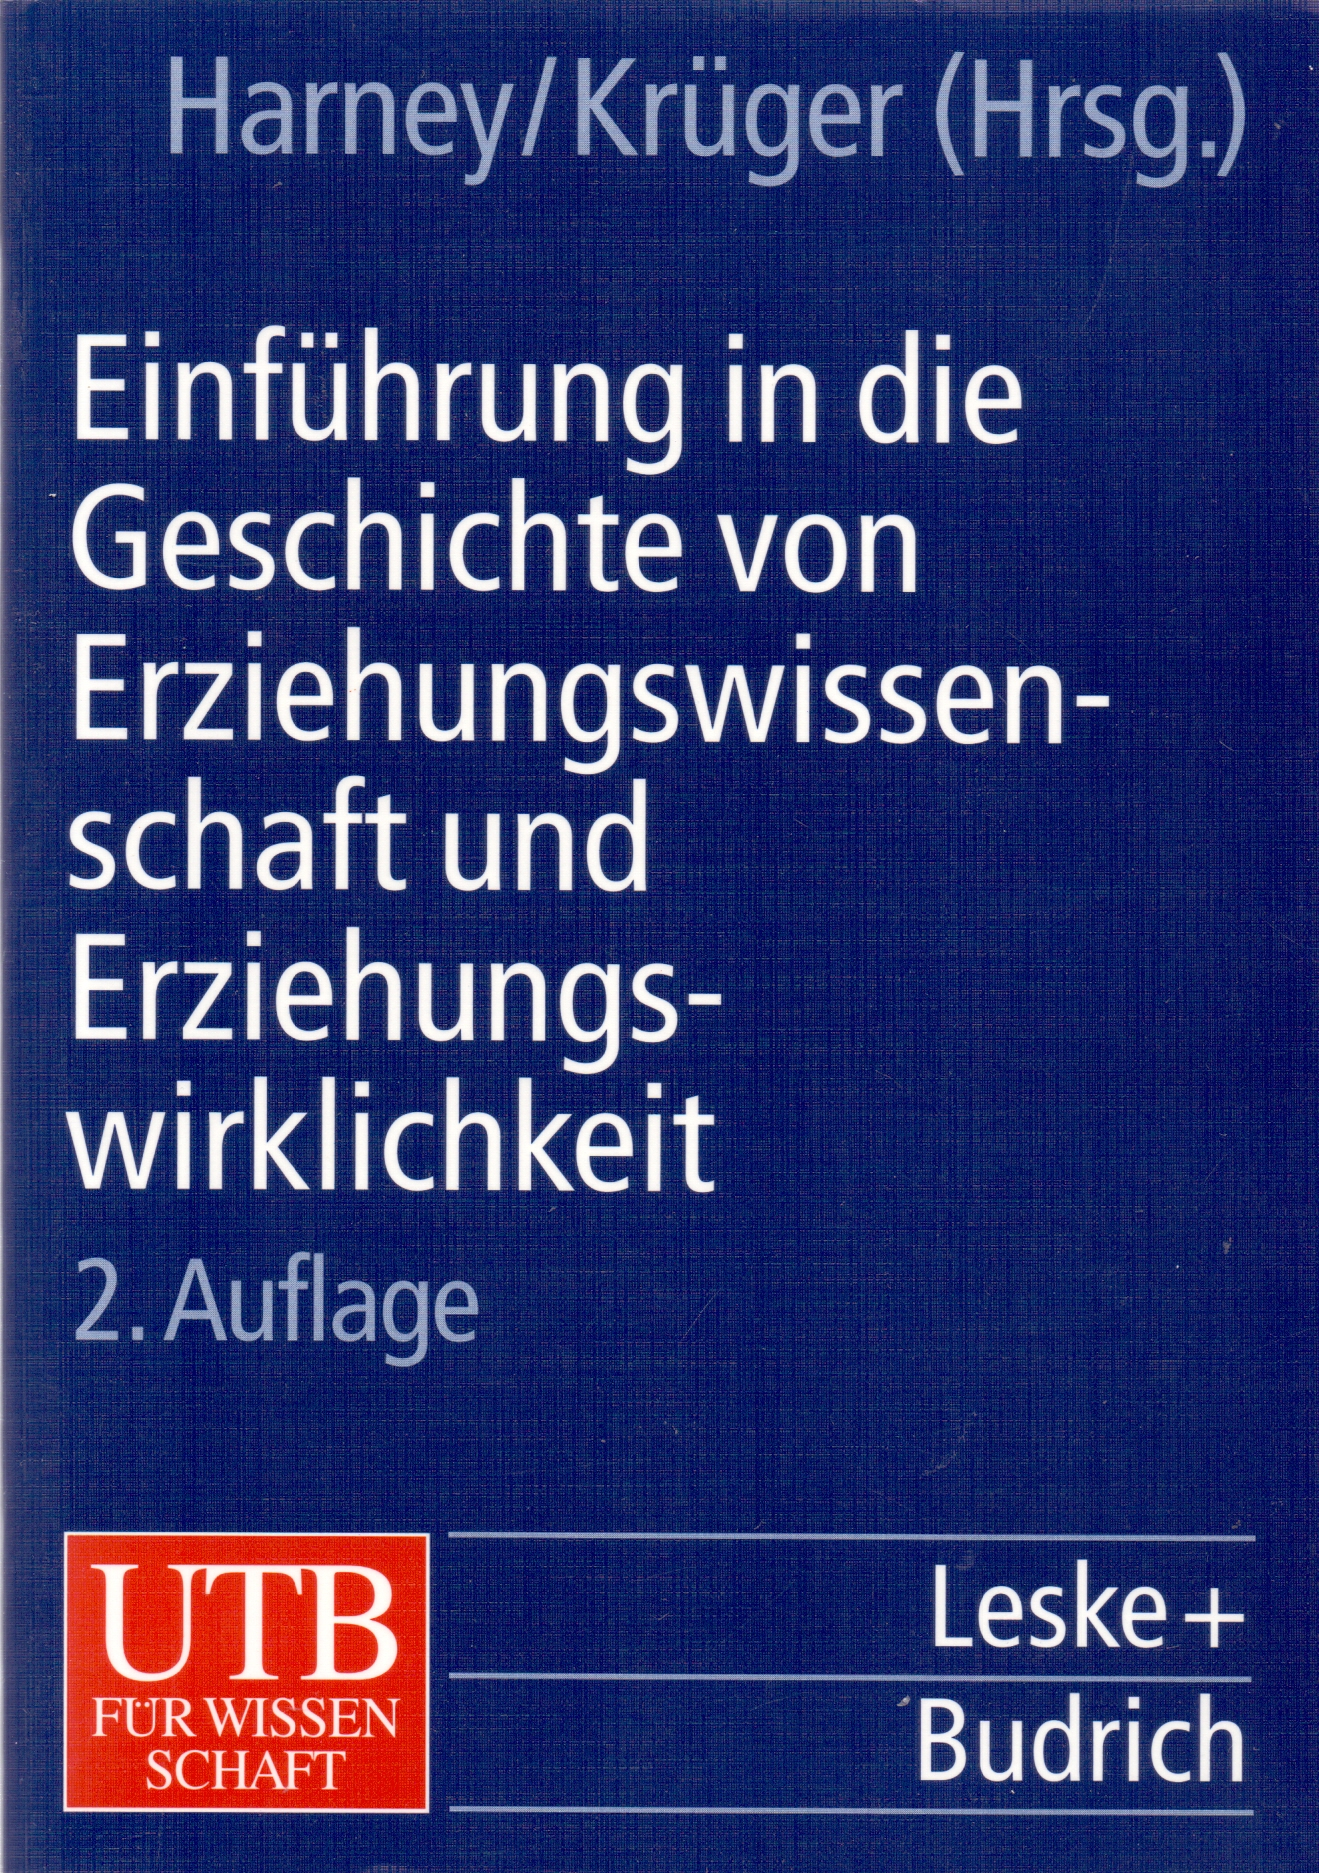 Einführung in die Geschichte der Erziehungswissenschaft und Erziehungswirklichkeit: Band 3 - Klaus Harney [Taschenbuch, 2. Auflage 1999]